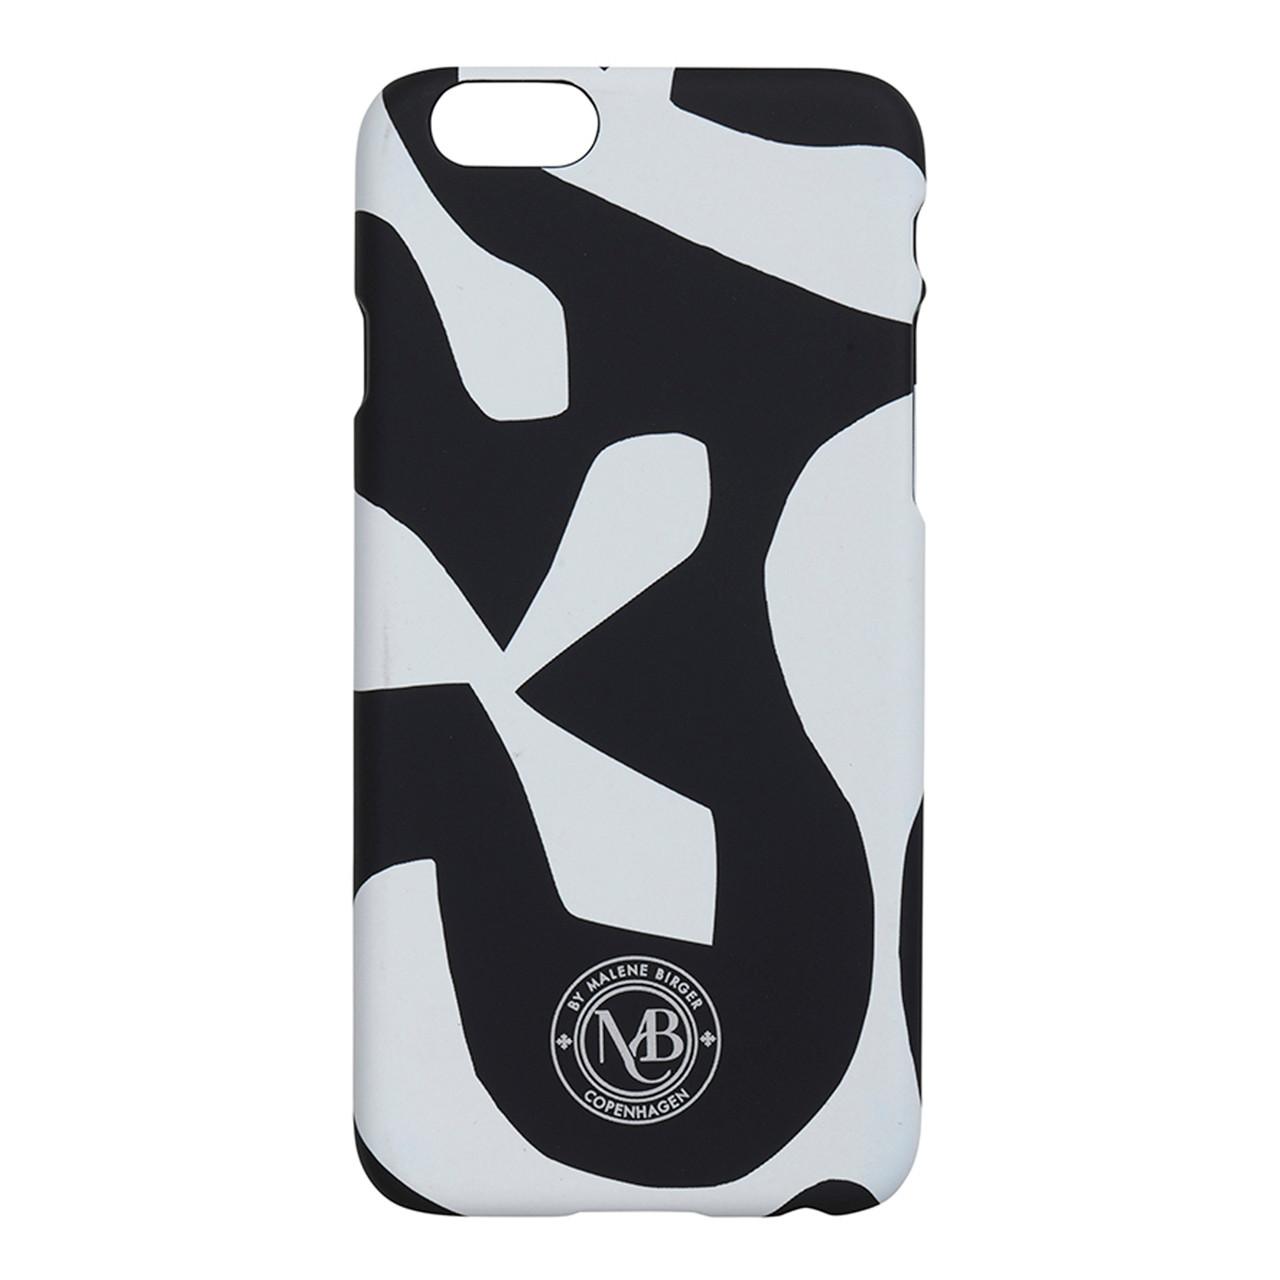 By Malene Birger Iphone 6 Cover - Q56377026S PAMSY6 - Mode til kvinder! da898bd791c12